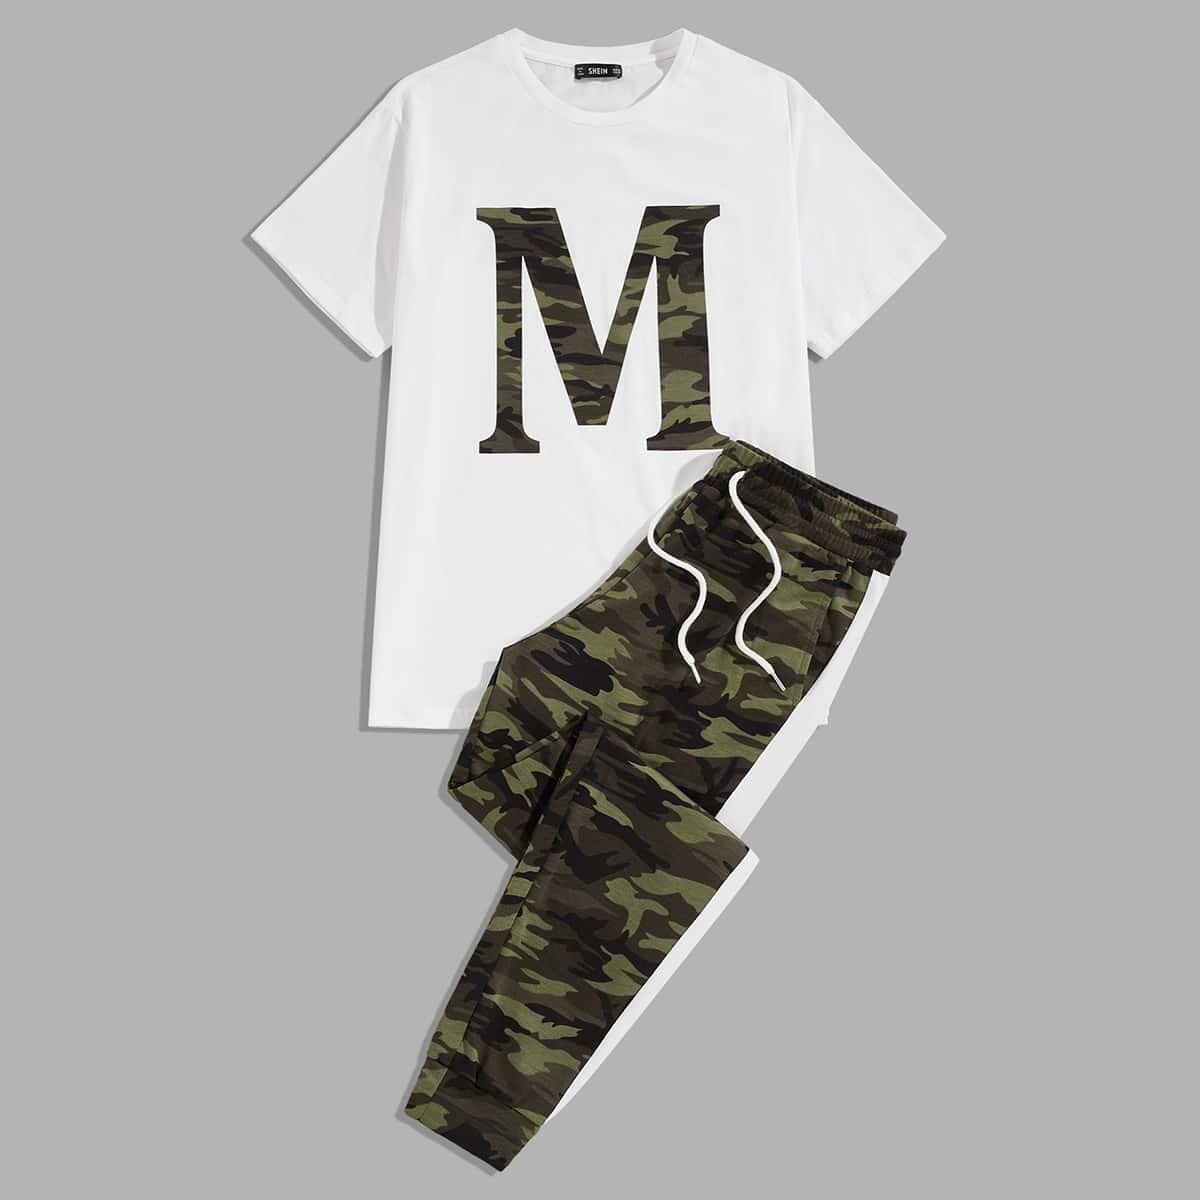 Мужской топ с текстовым принтом и камуфляжные спортивные брюки